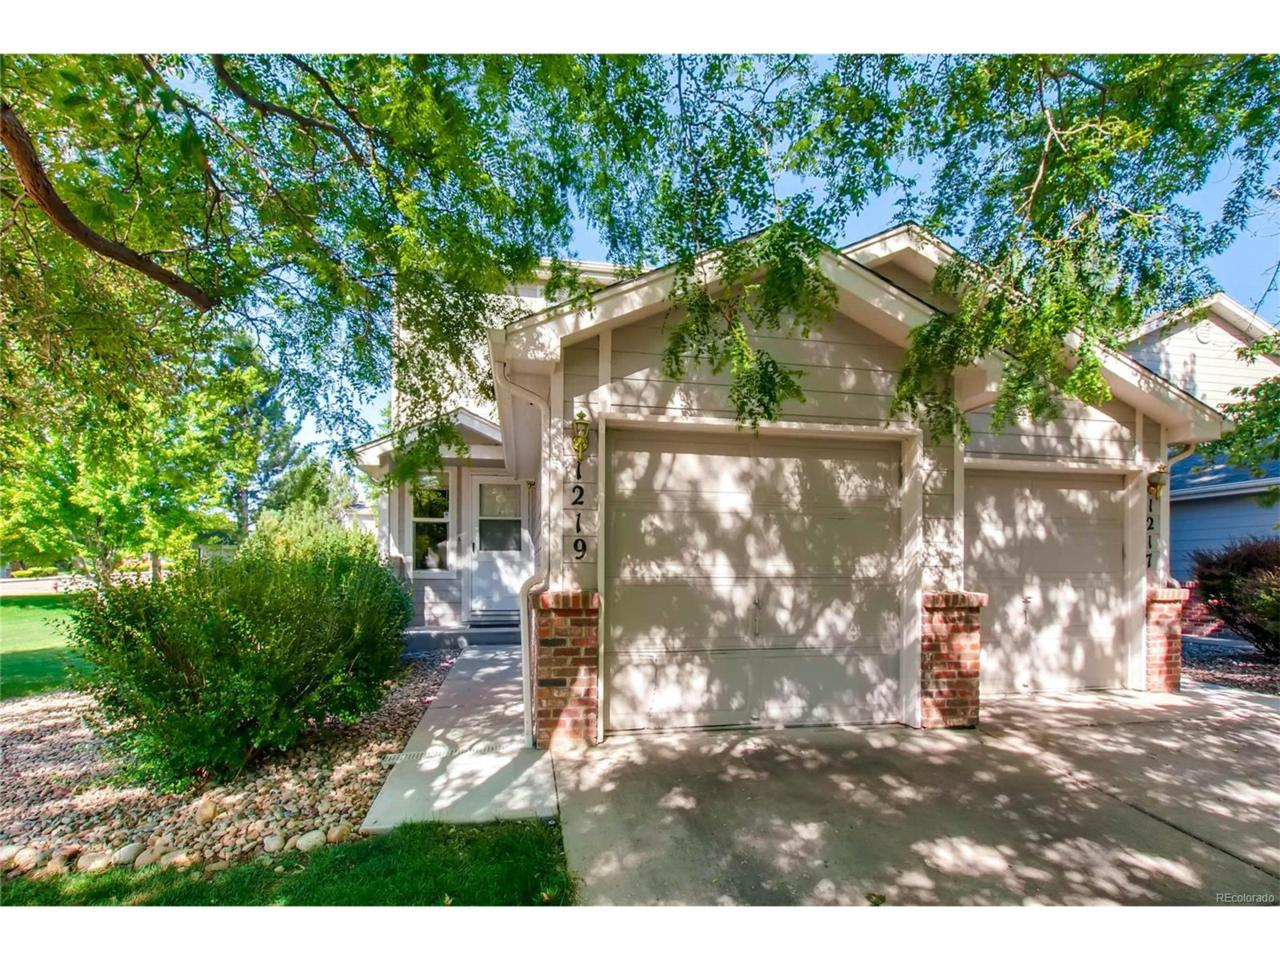 1219 Warrior Way, Lafayette, CO 80026 (MLS #6054539) :: 8z Real Estate